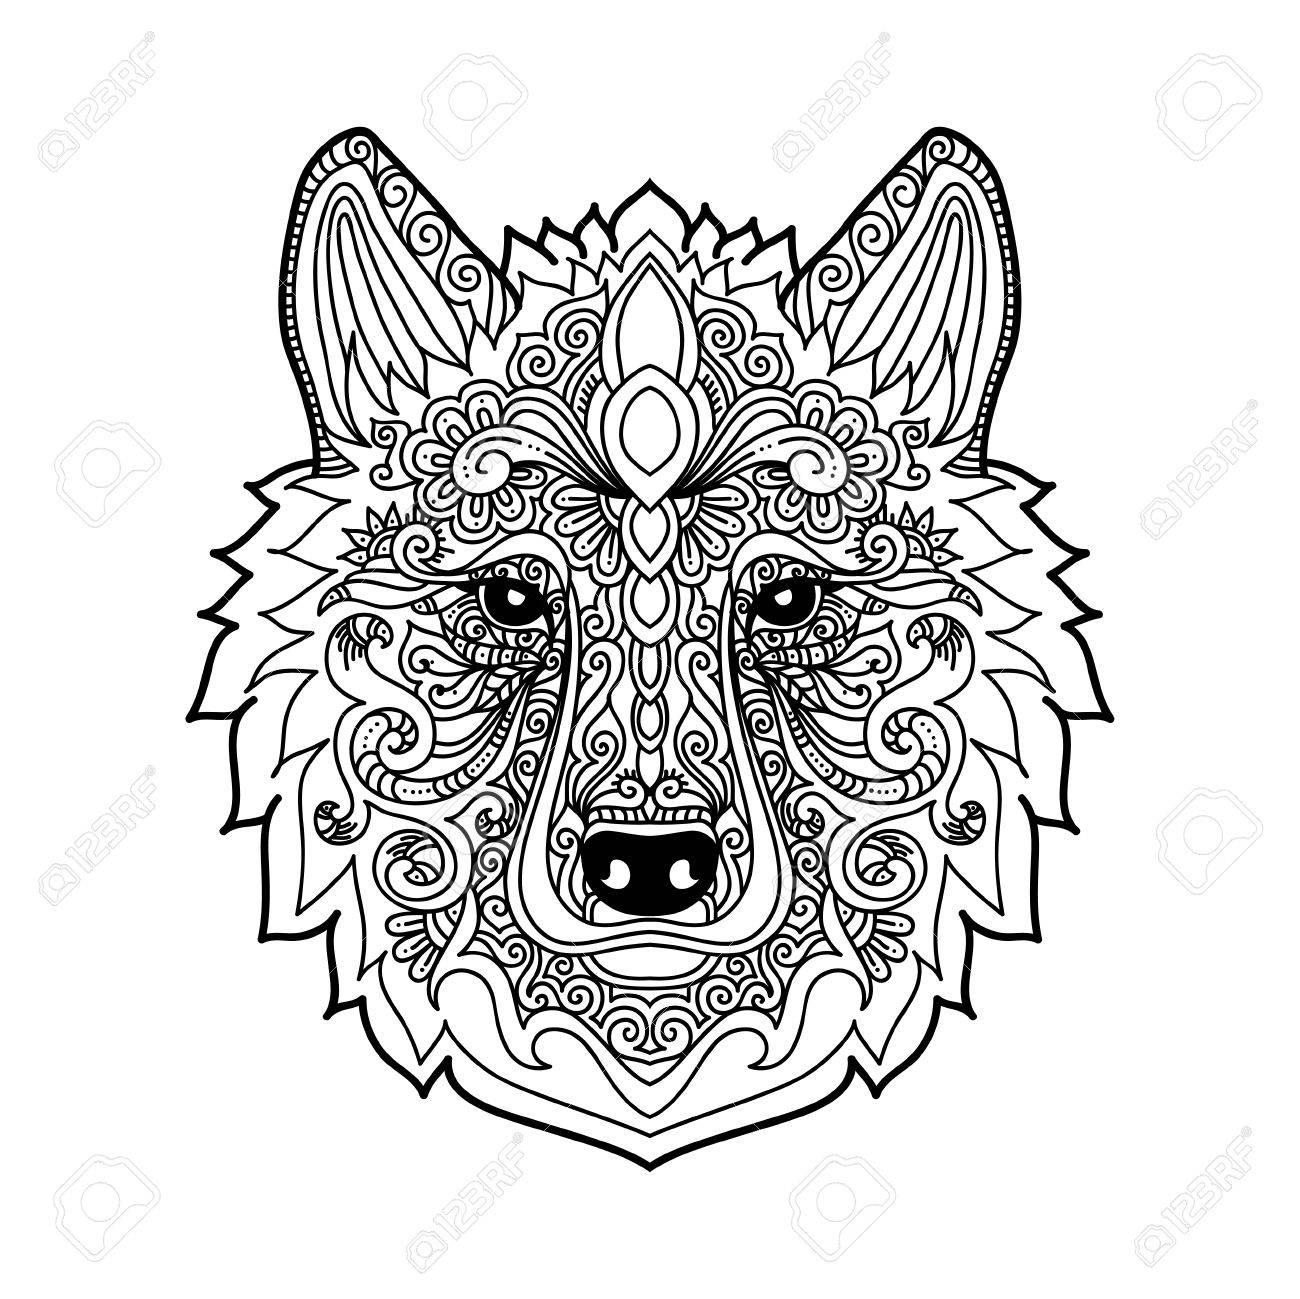 Loup Dessiné Main Avec Motif Floral Ethnique Doodle Coloriage